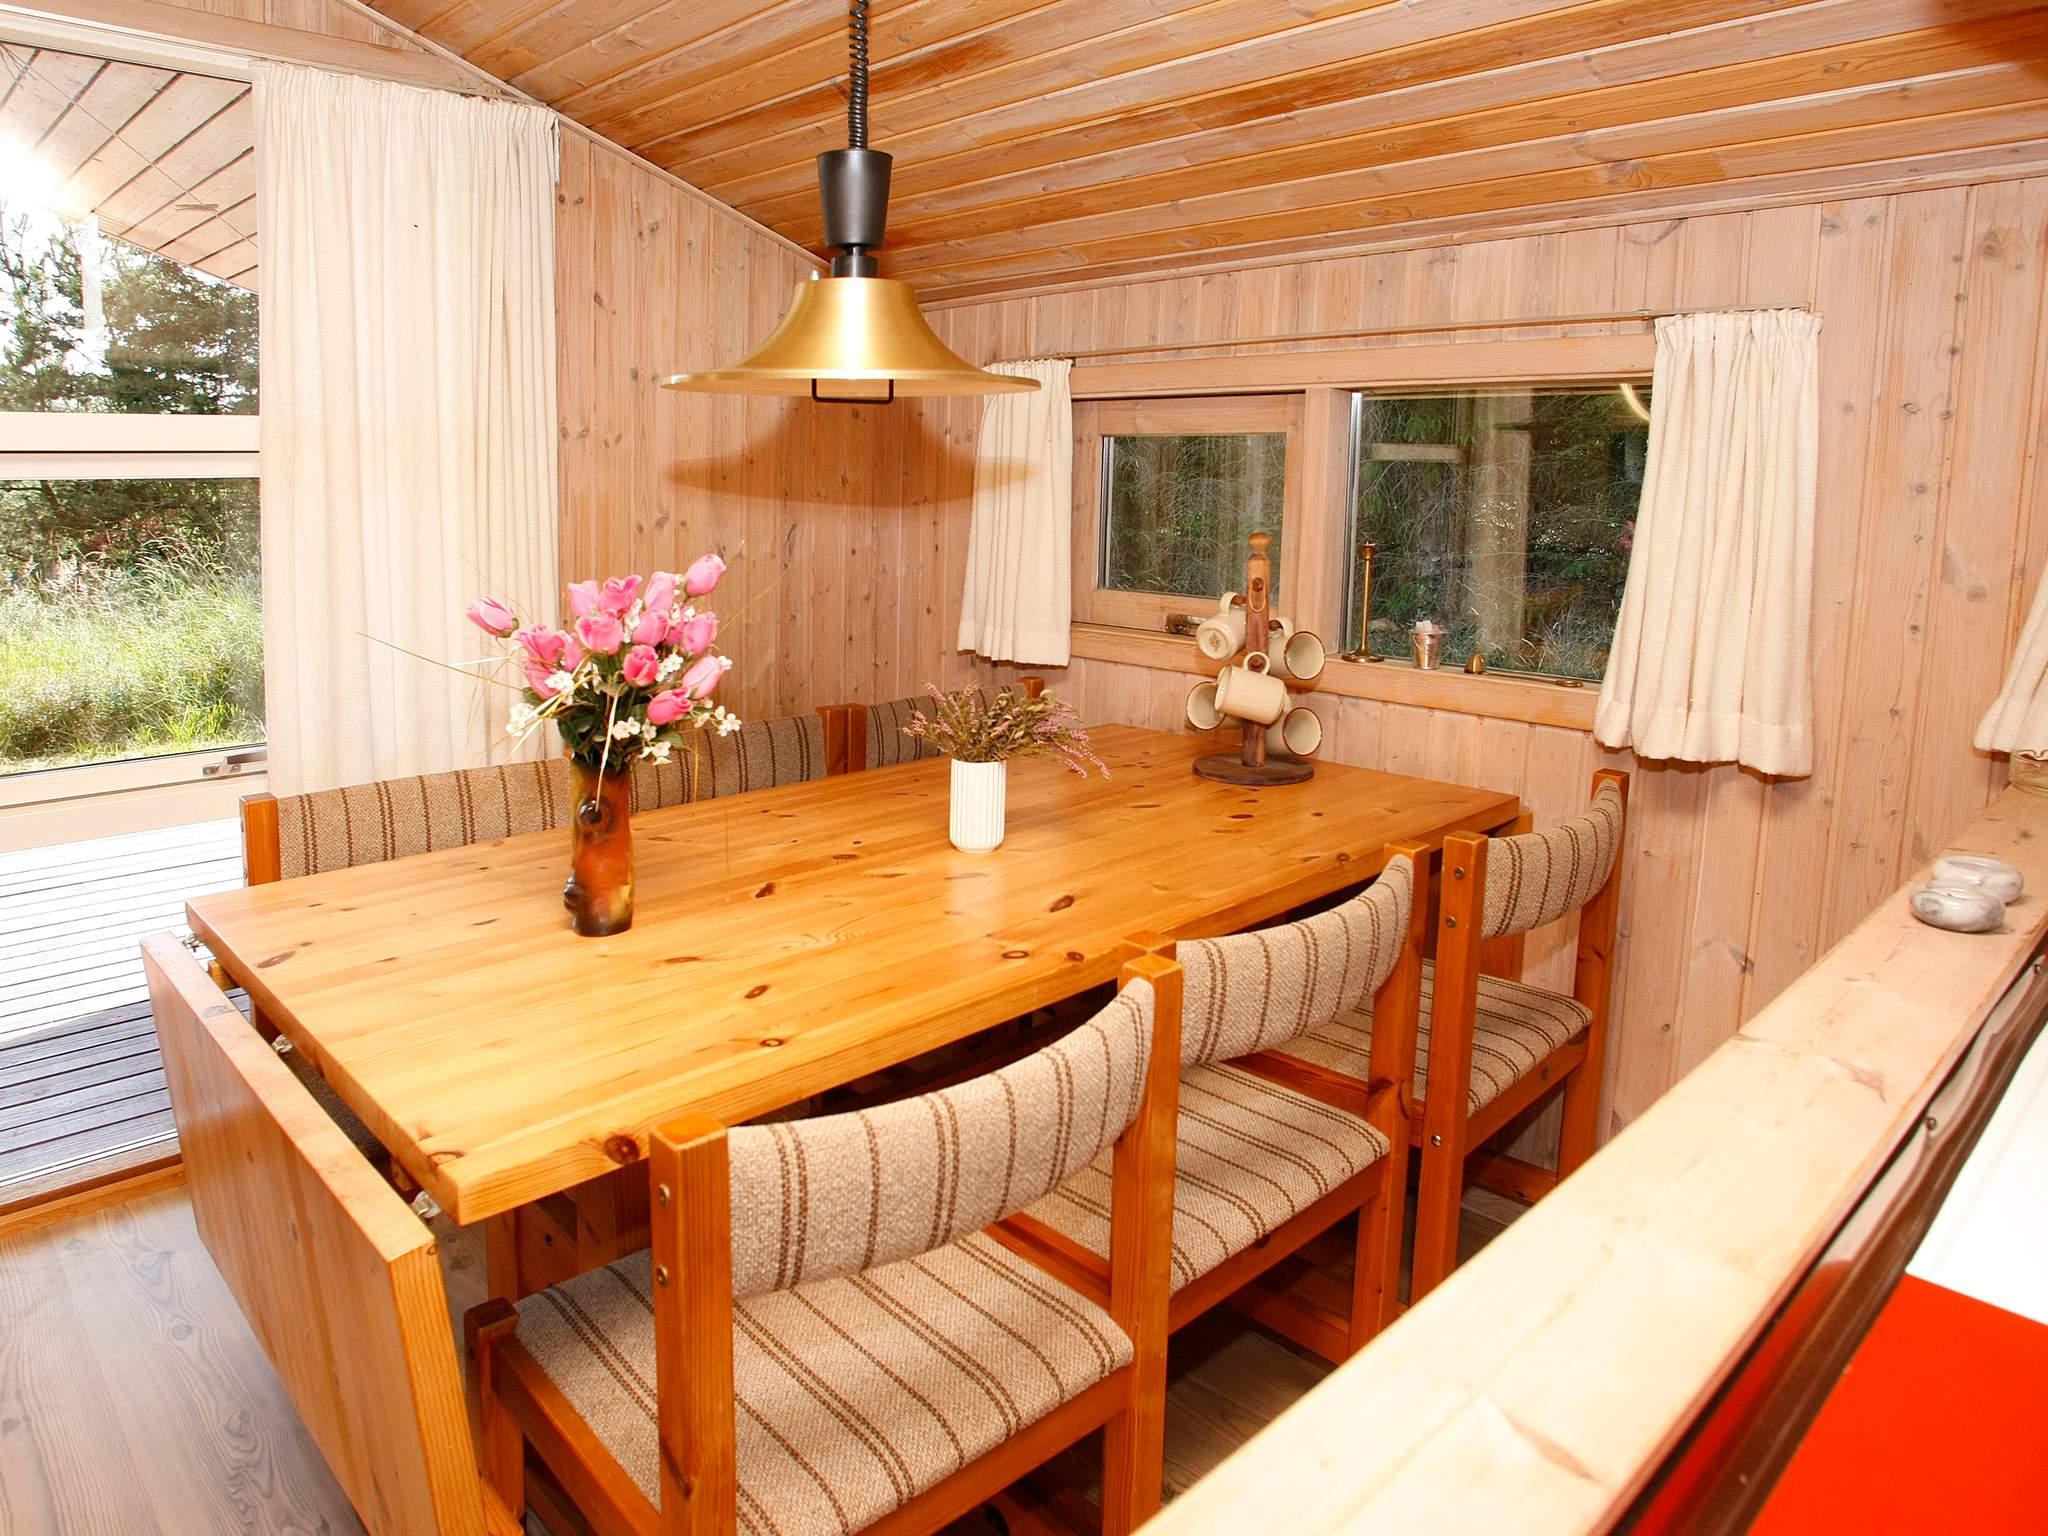 Ferienhaus Thorup Strand (83696), Fjerritslev, , Nordwestjütland, Dänemark, Bild 3